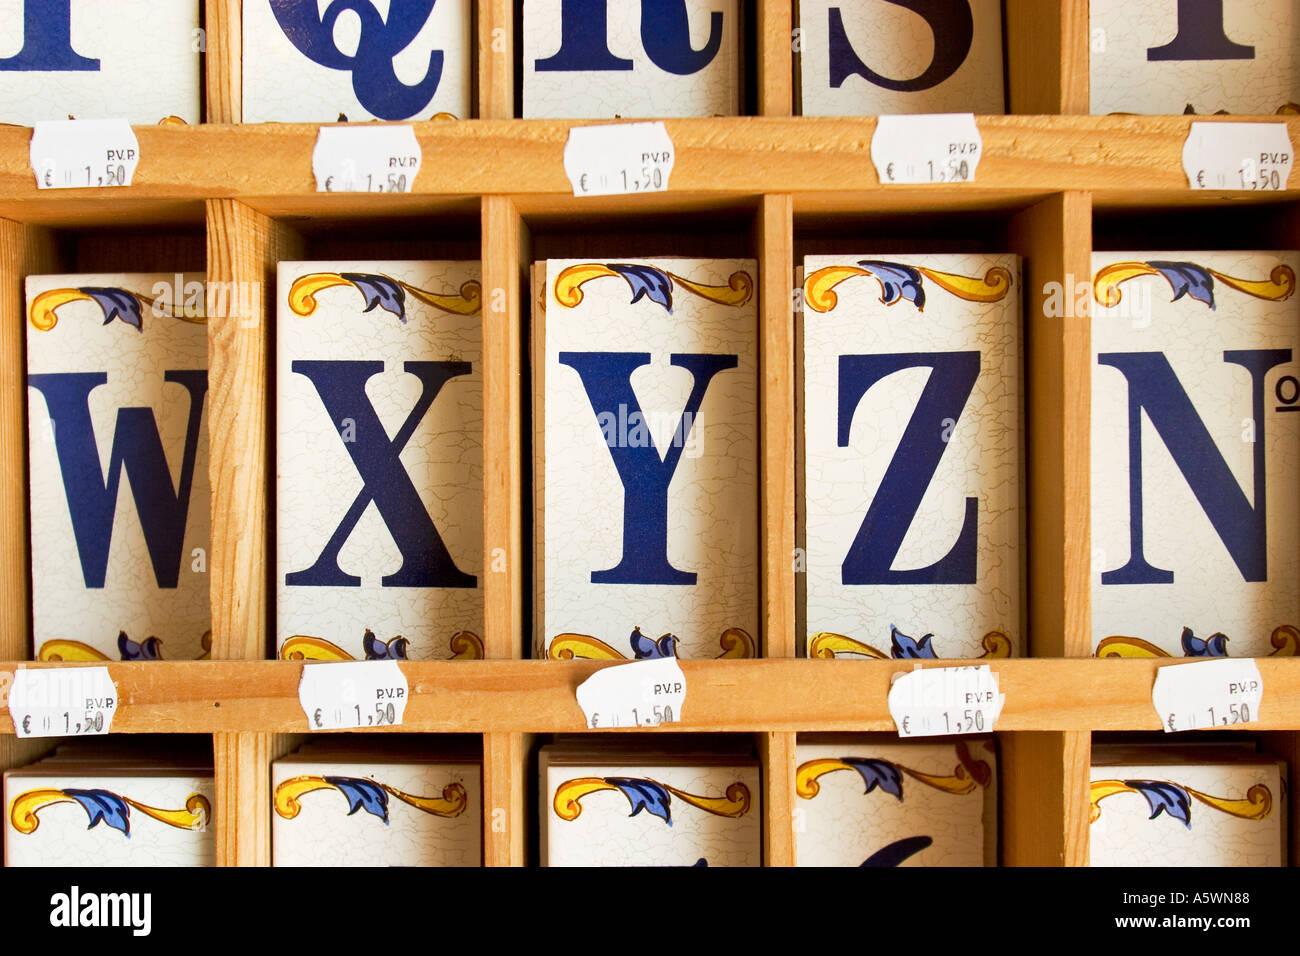 Ceramik piastrelle con lettere xyz foto & immagine stock: 3719559